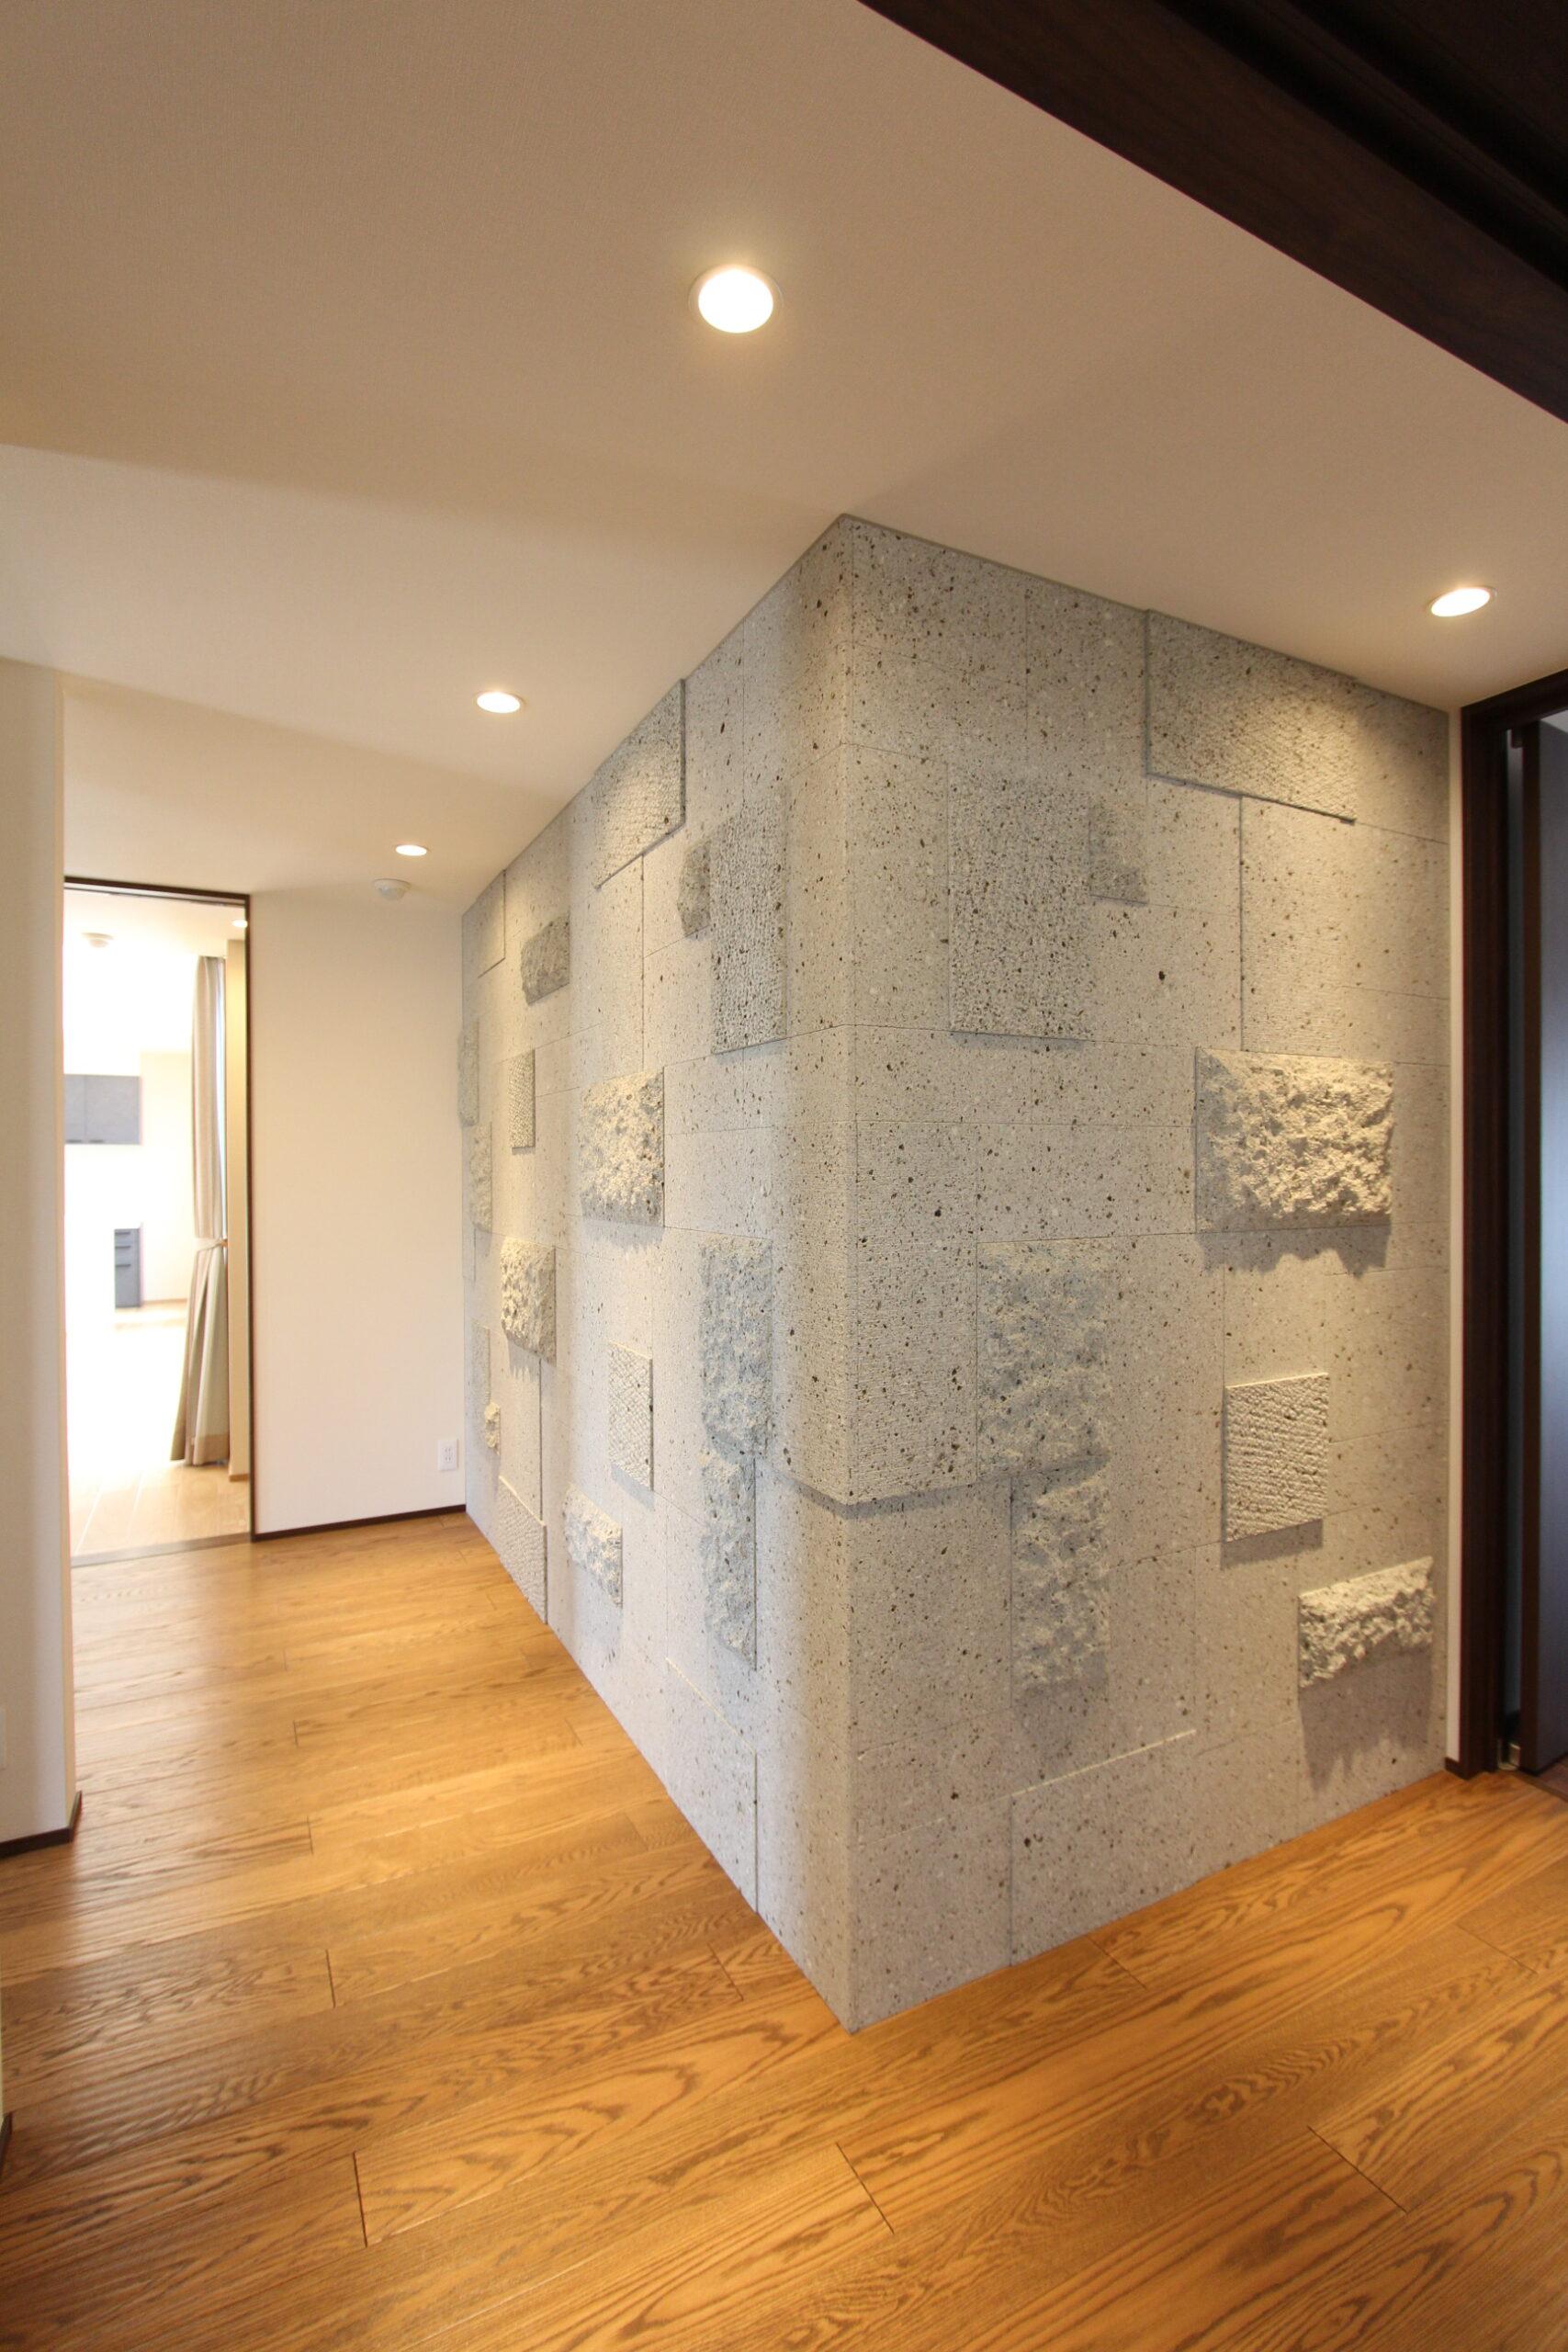 玄関ホールは大谷石の細目を異なる仕上げ、異なるサイズでデザインしました。凹凸を出すことで重厚感がありながら大谷石独特の暖かさと柔らかさを感じます。